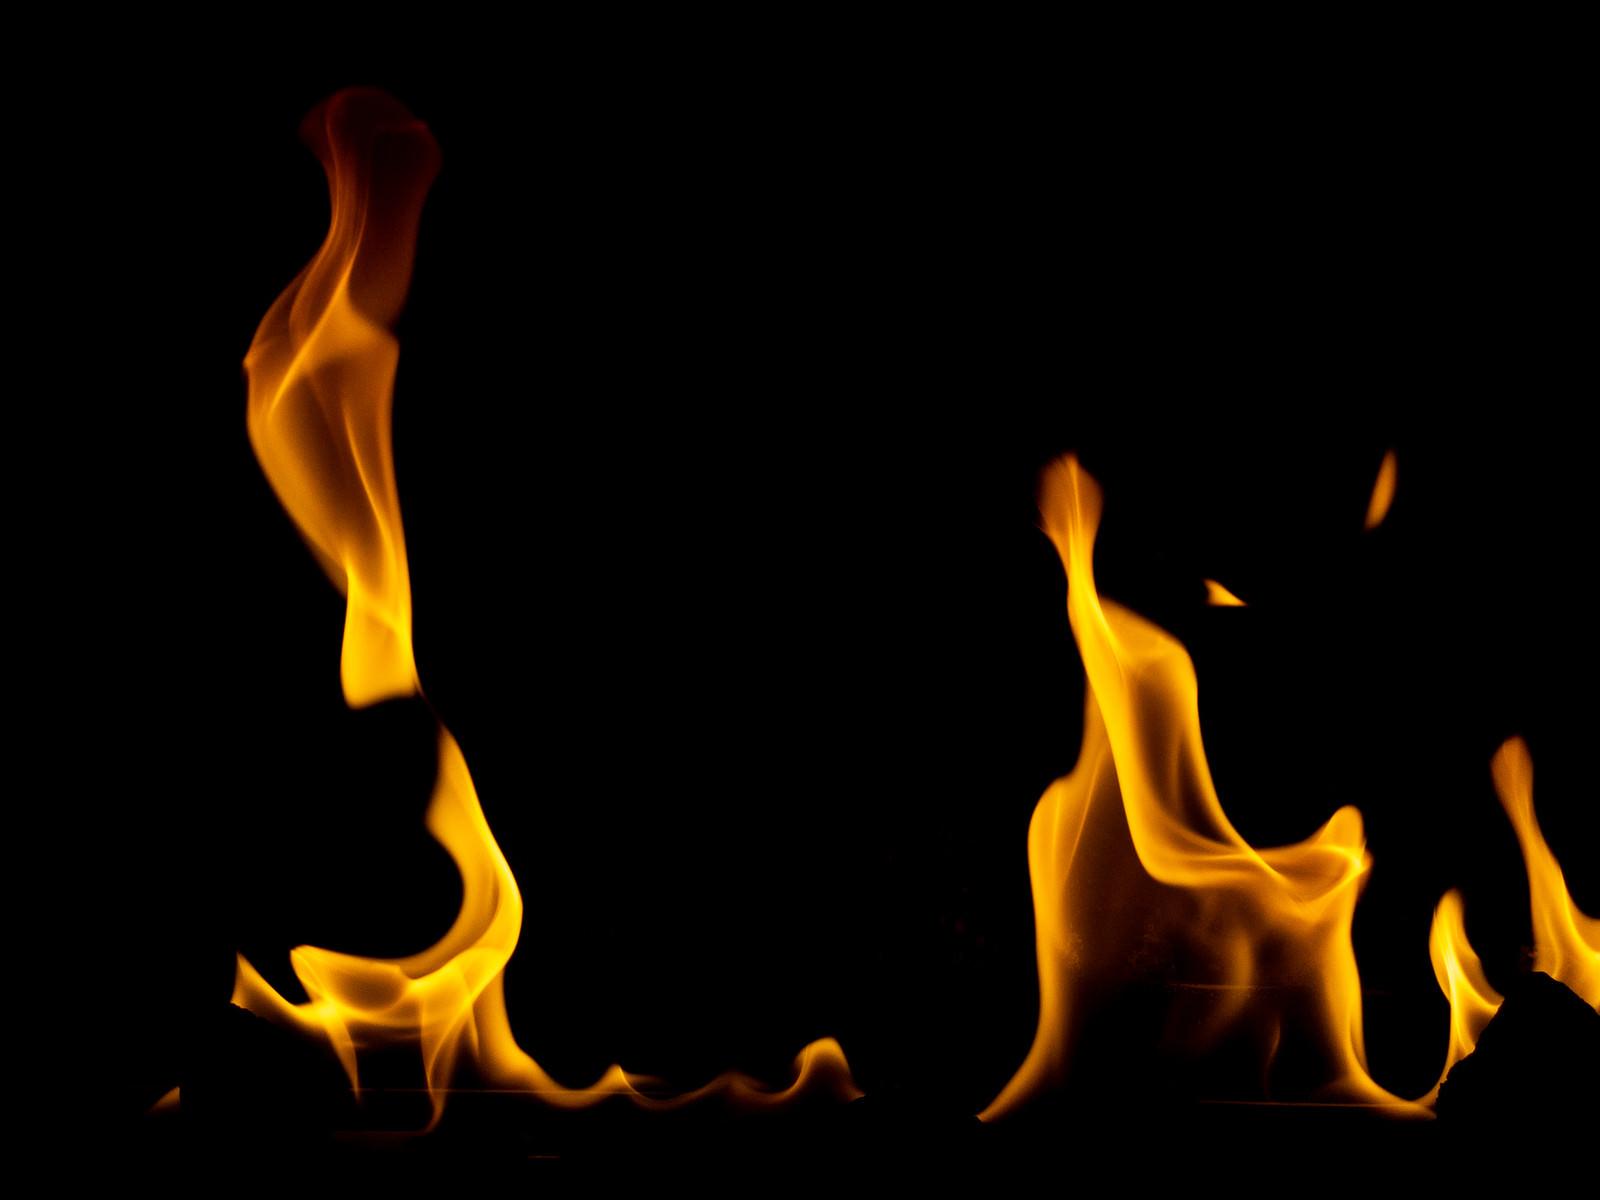 「ゆらりと燃える炎」の写真